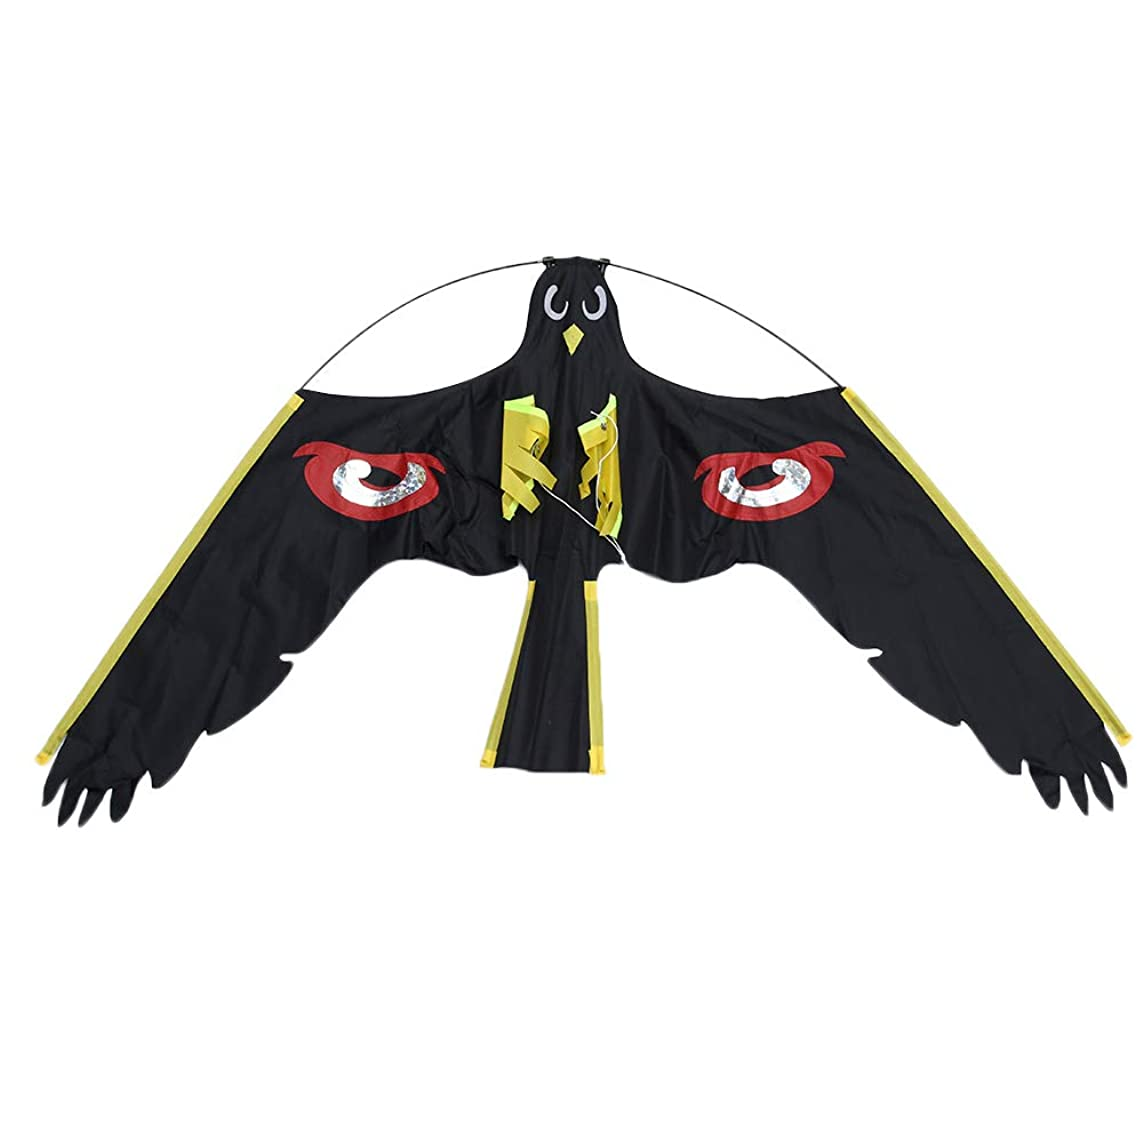 kebyy Bird Scarer Repeller Flying Hawk Kite Kit for Garden Scarecrow Yard House Decoration